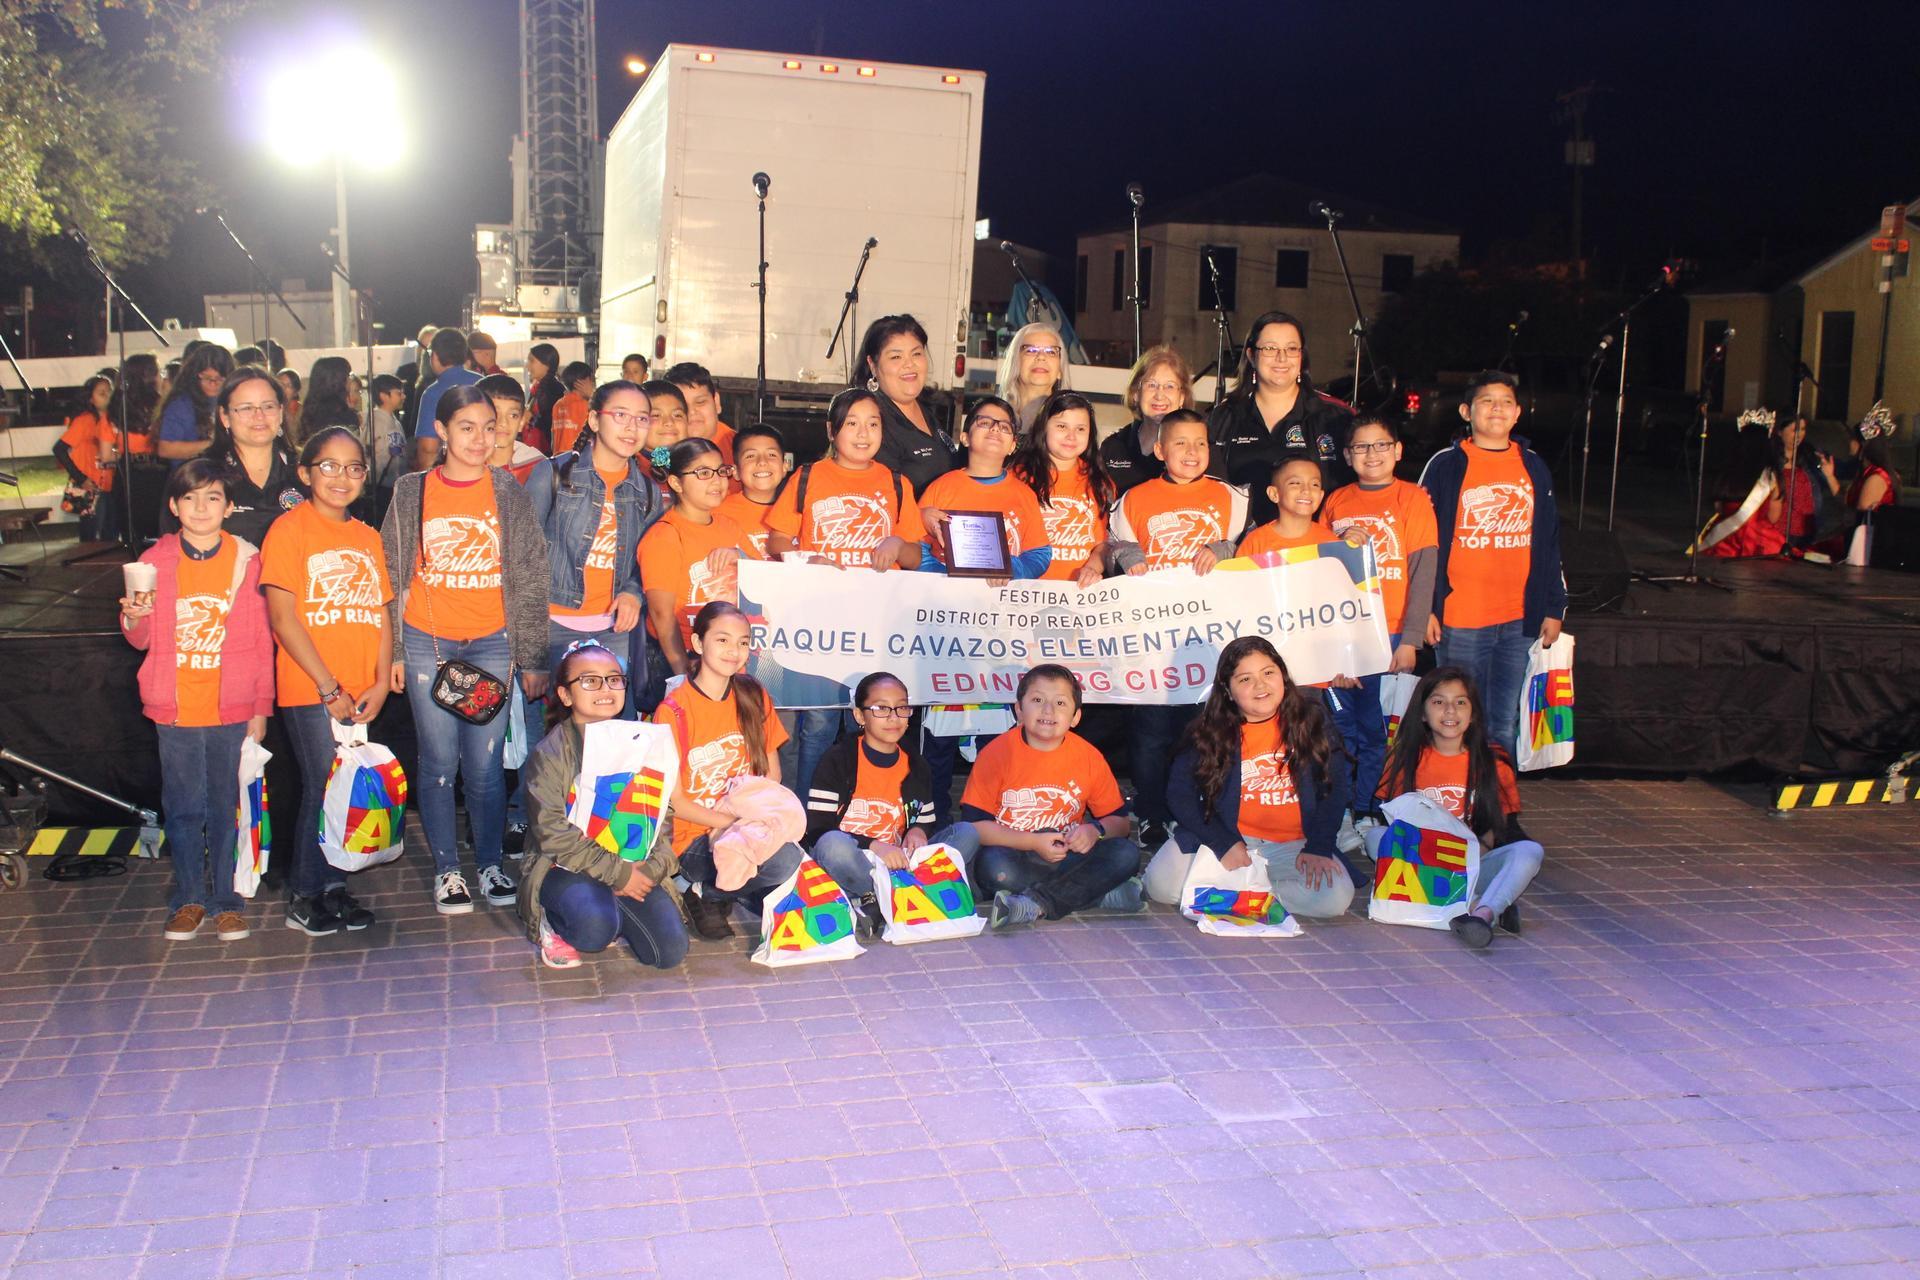 Cavazos students at FESTIBA with award